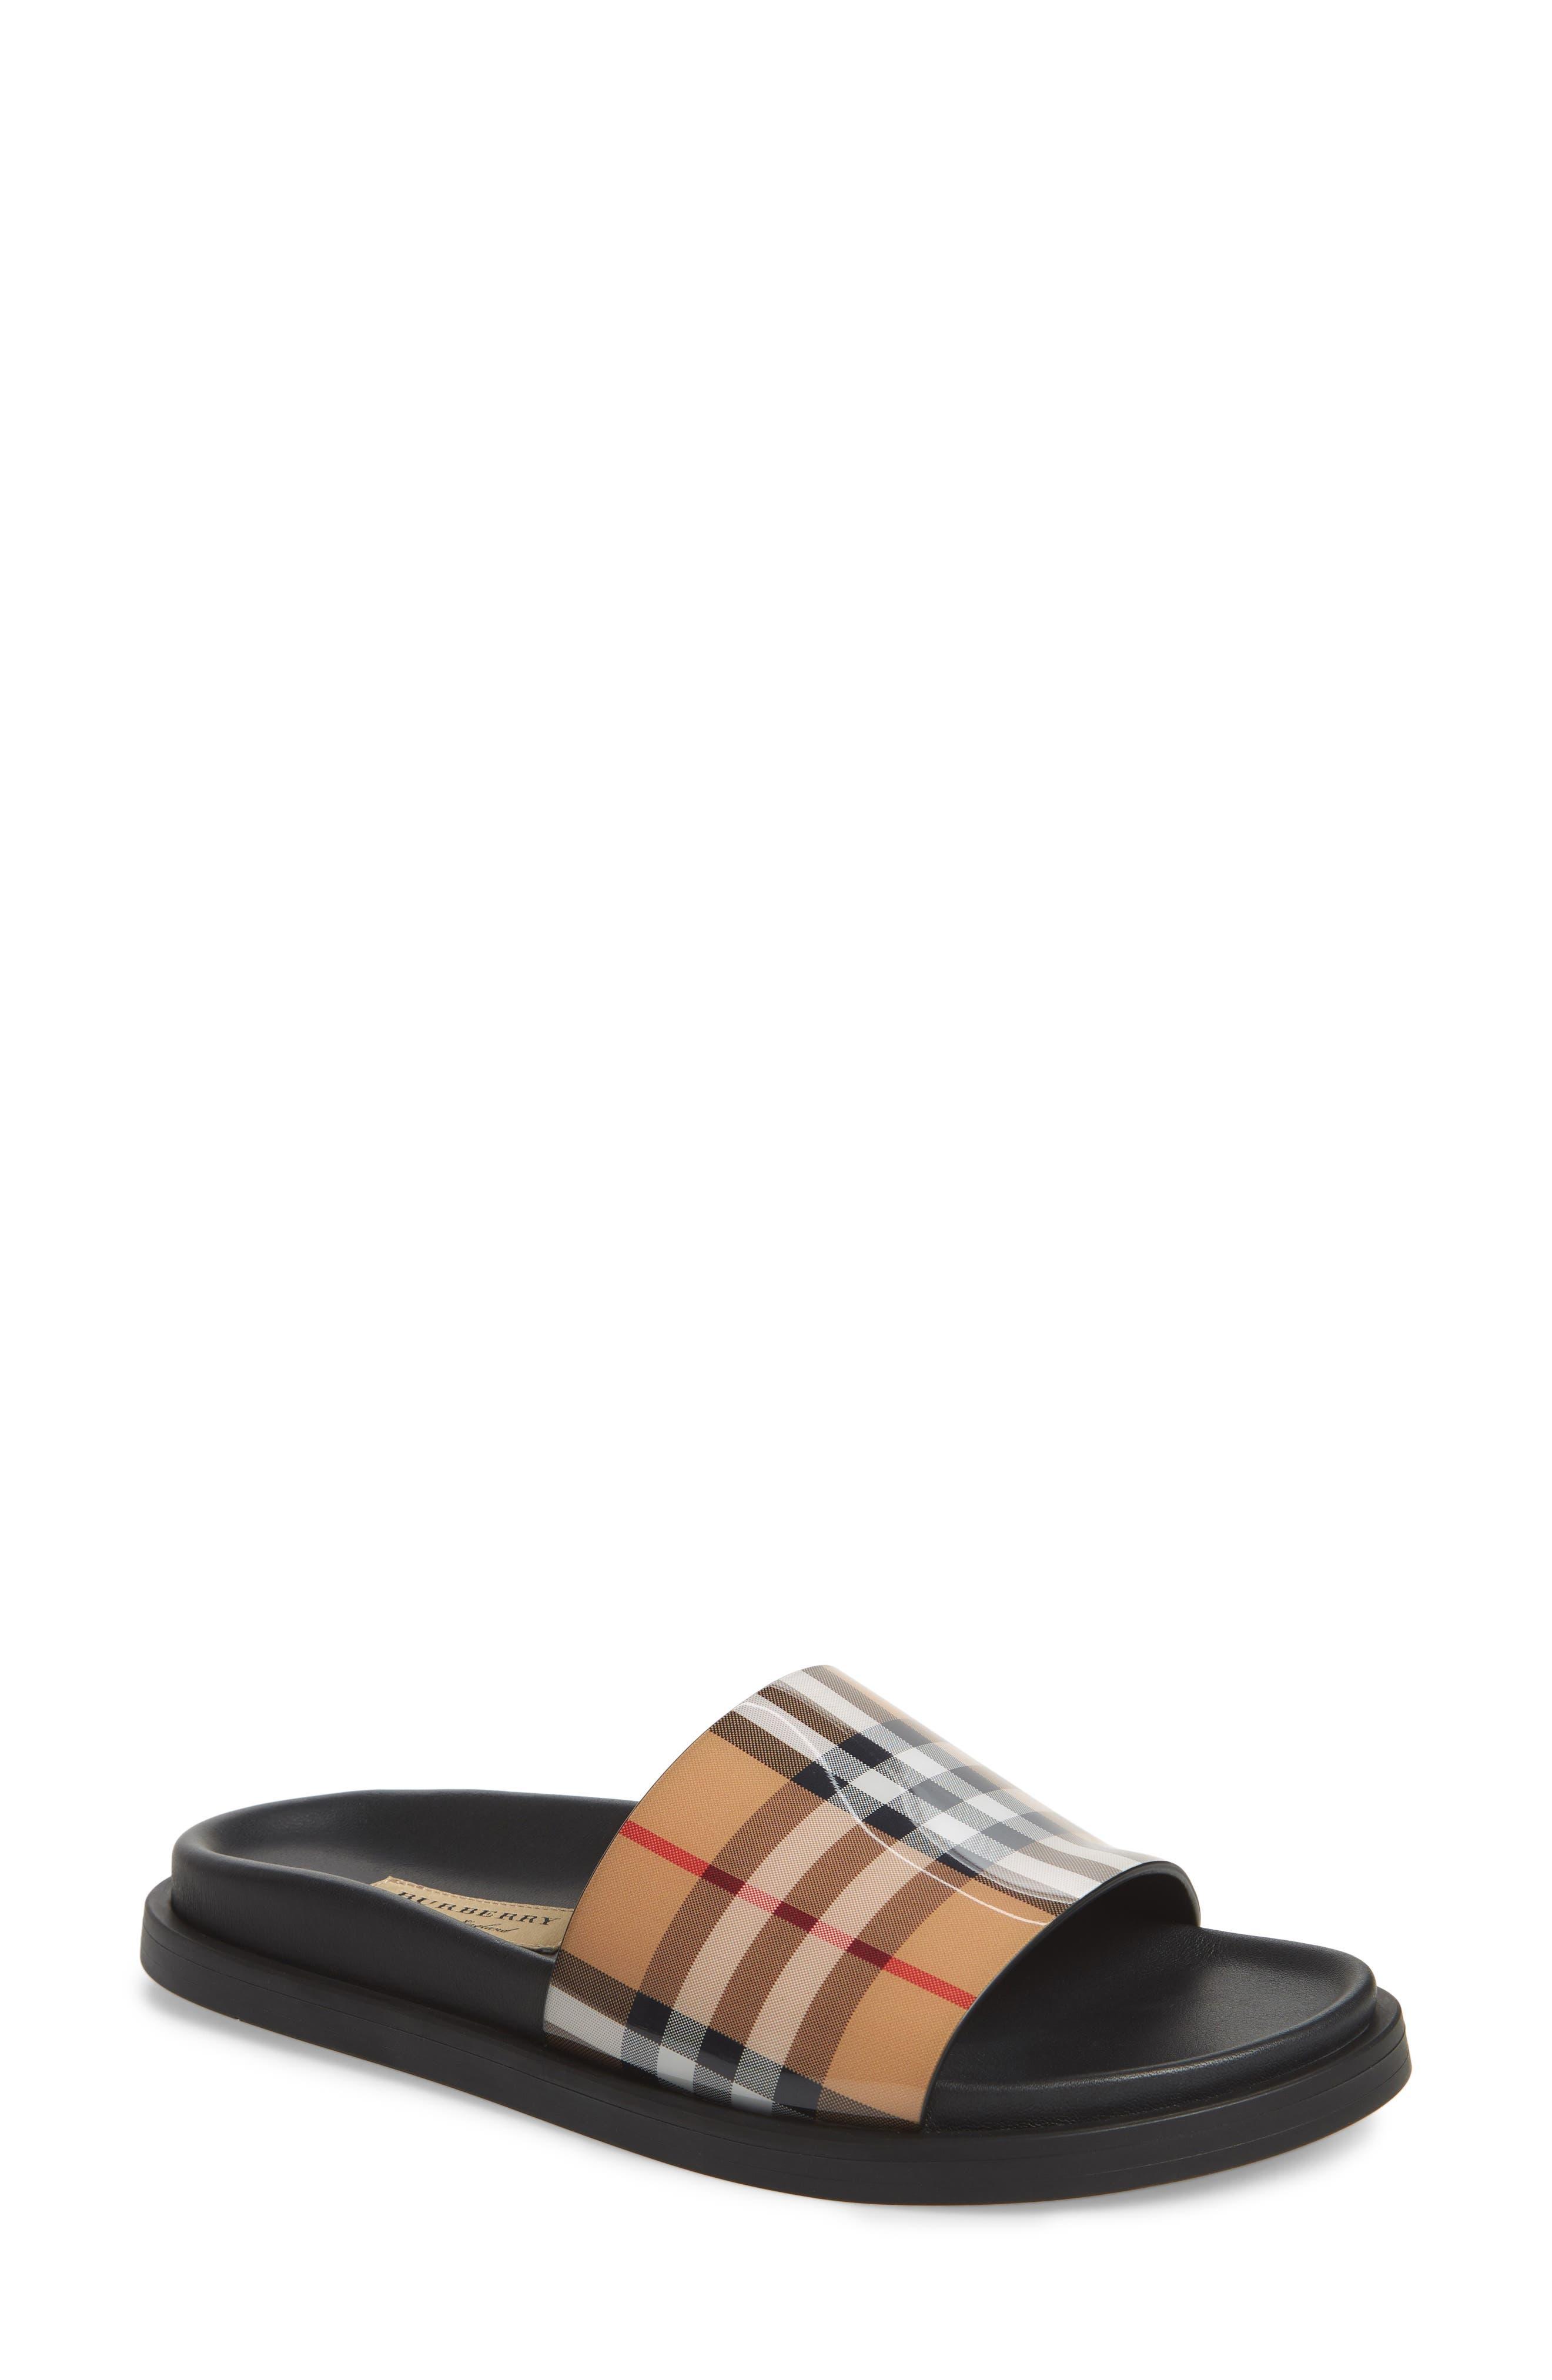 Vintage Check Slide Sandal, Main, color, BEIGE PLAID